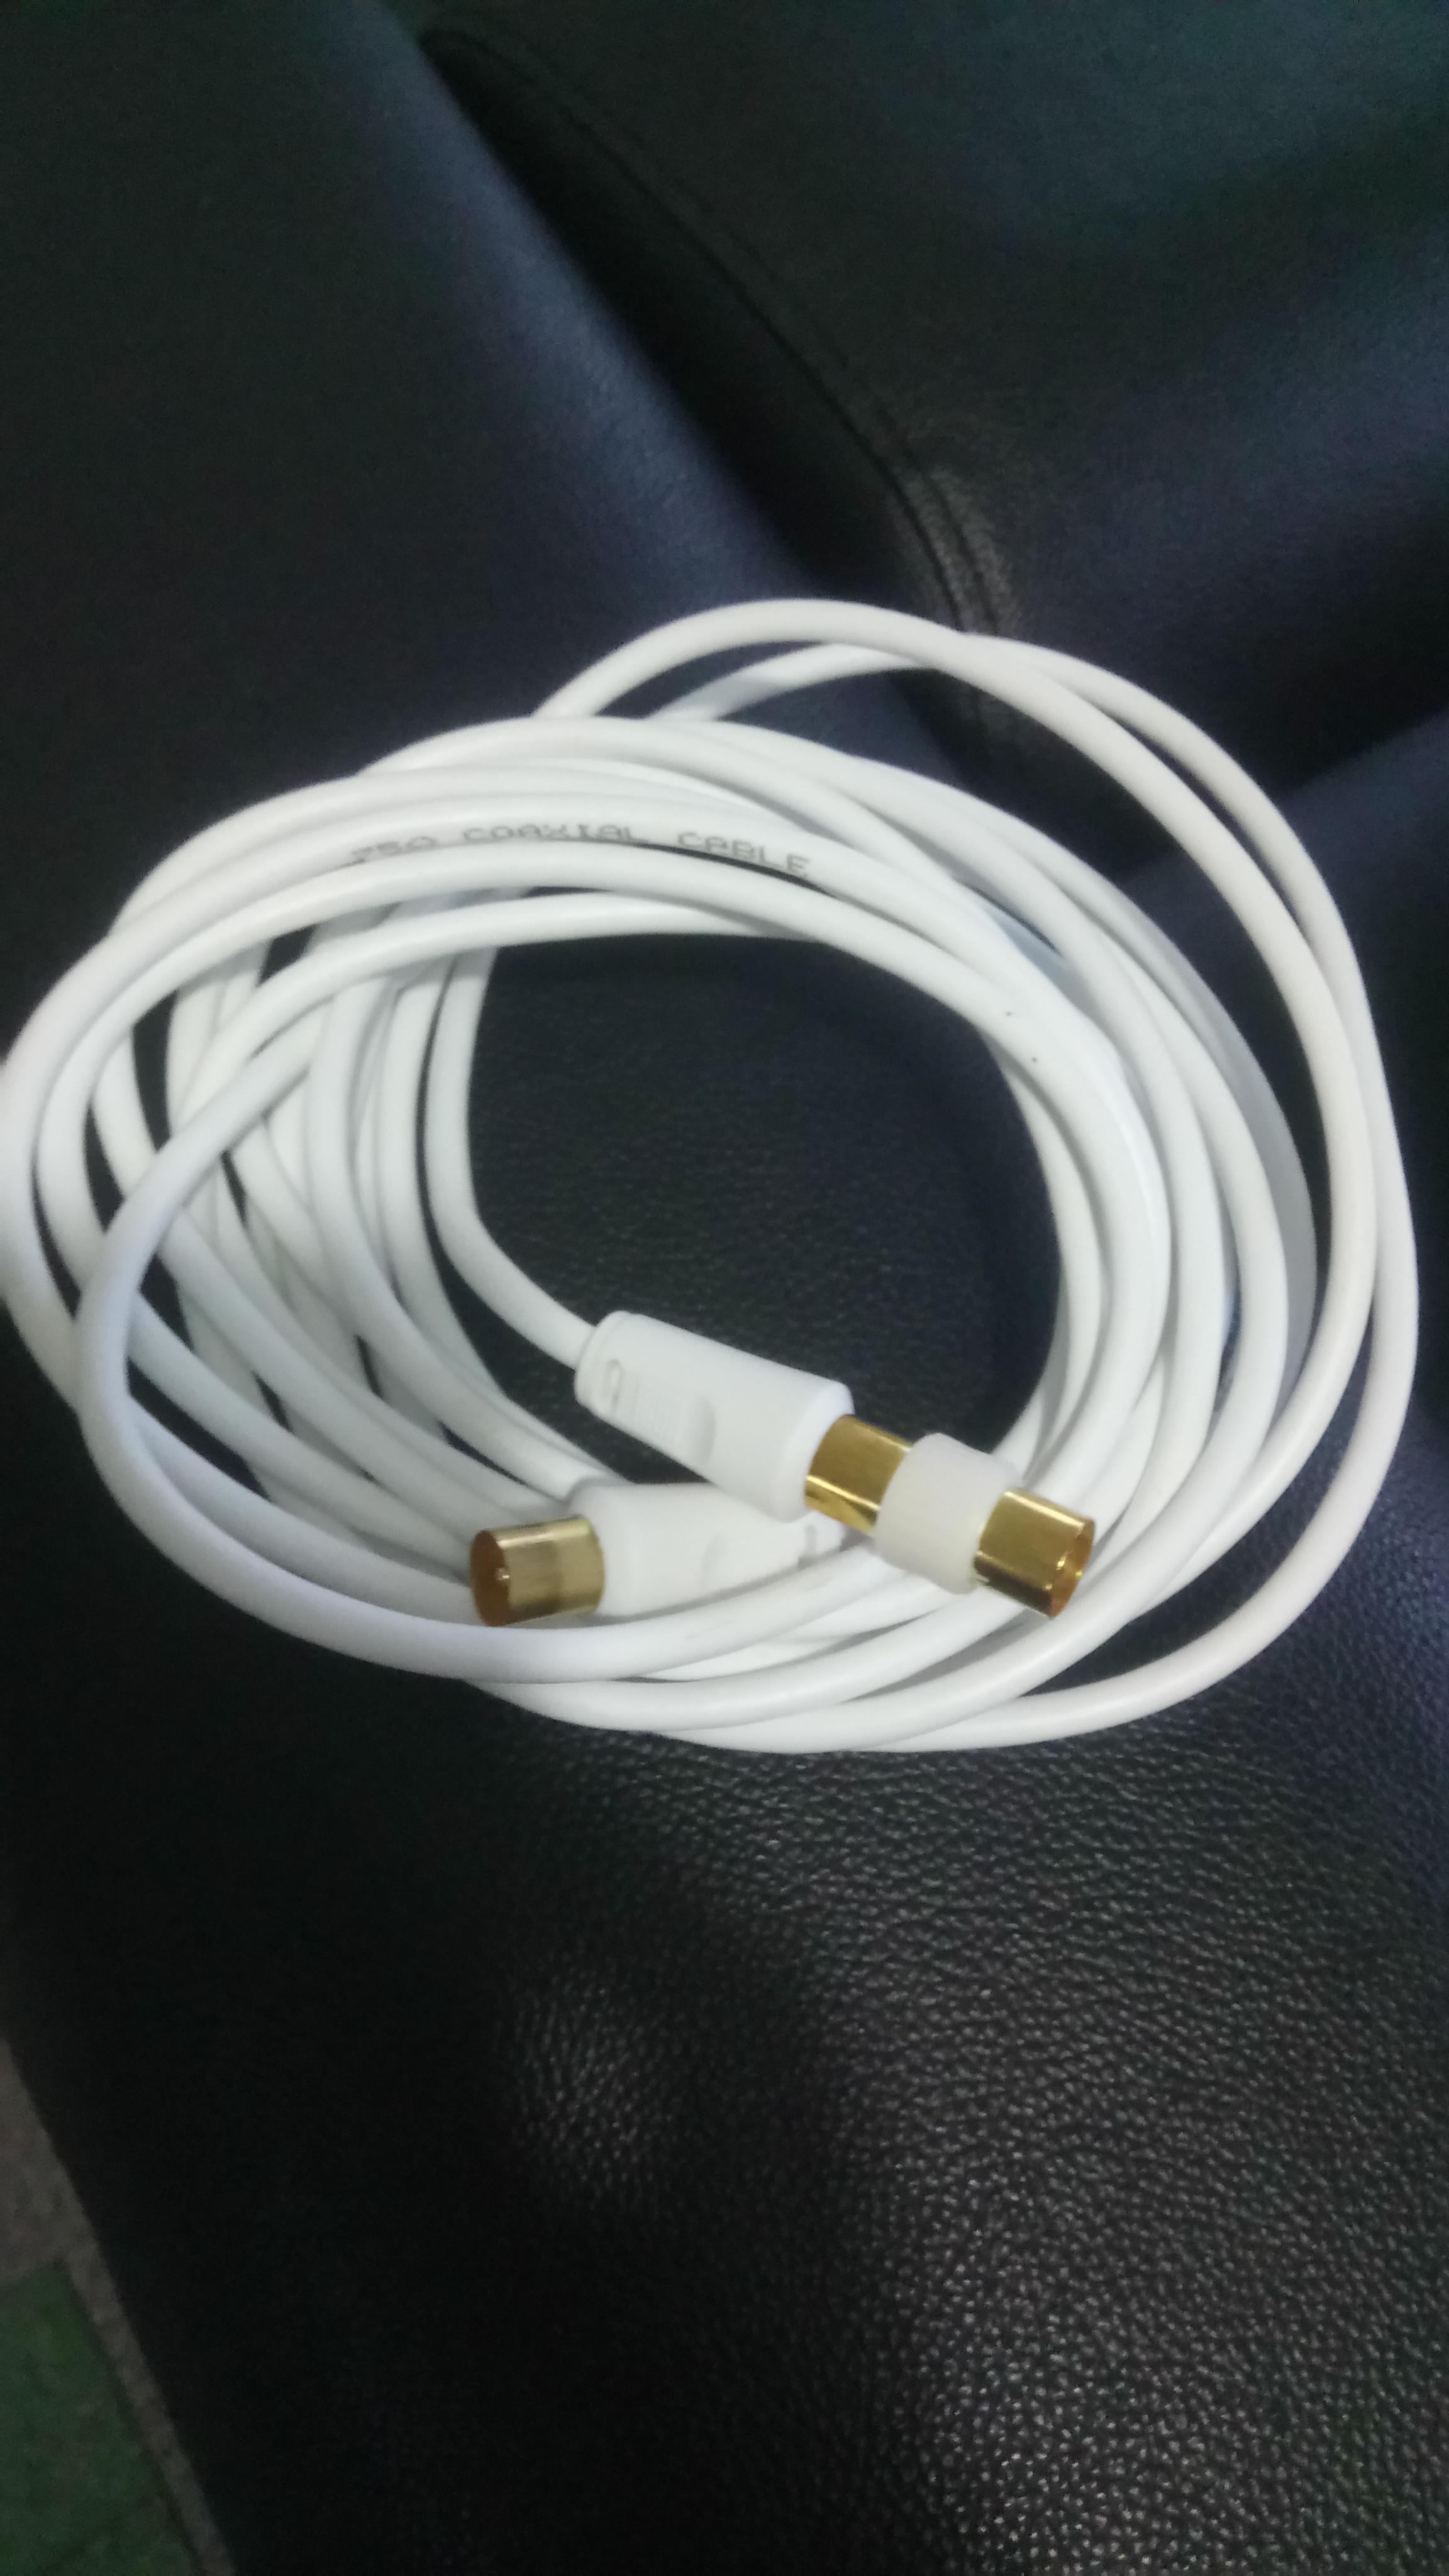 troc de troc cable co axial 5m neuf image 0